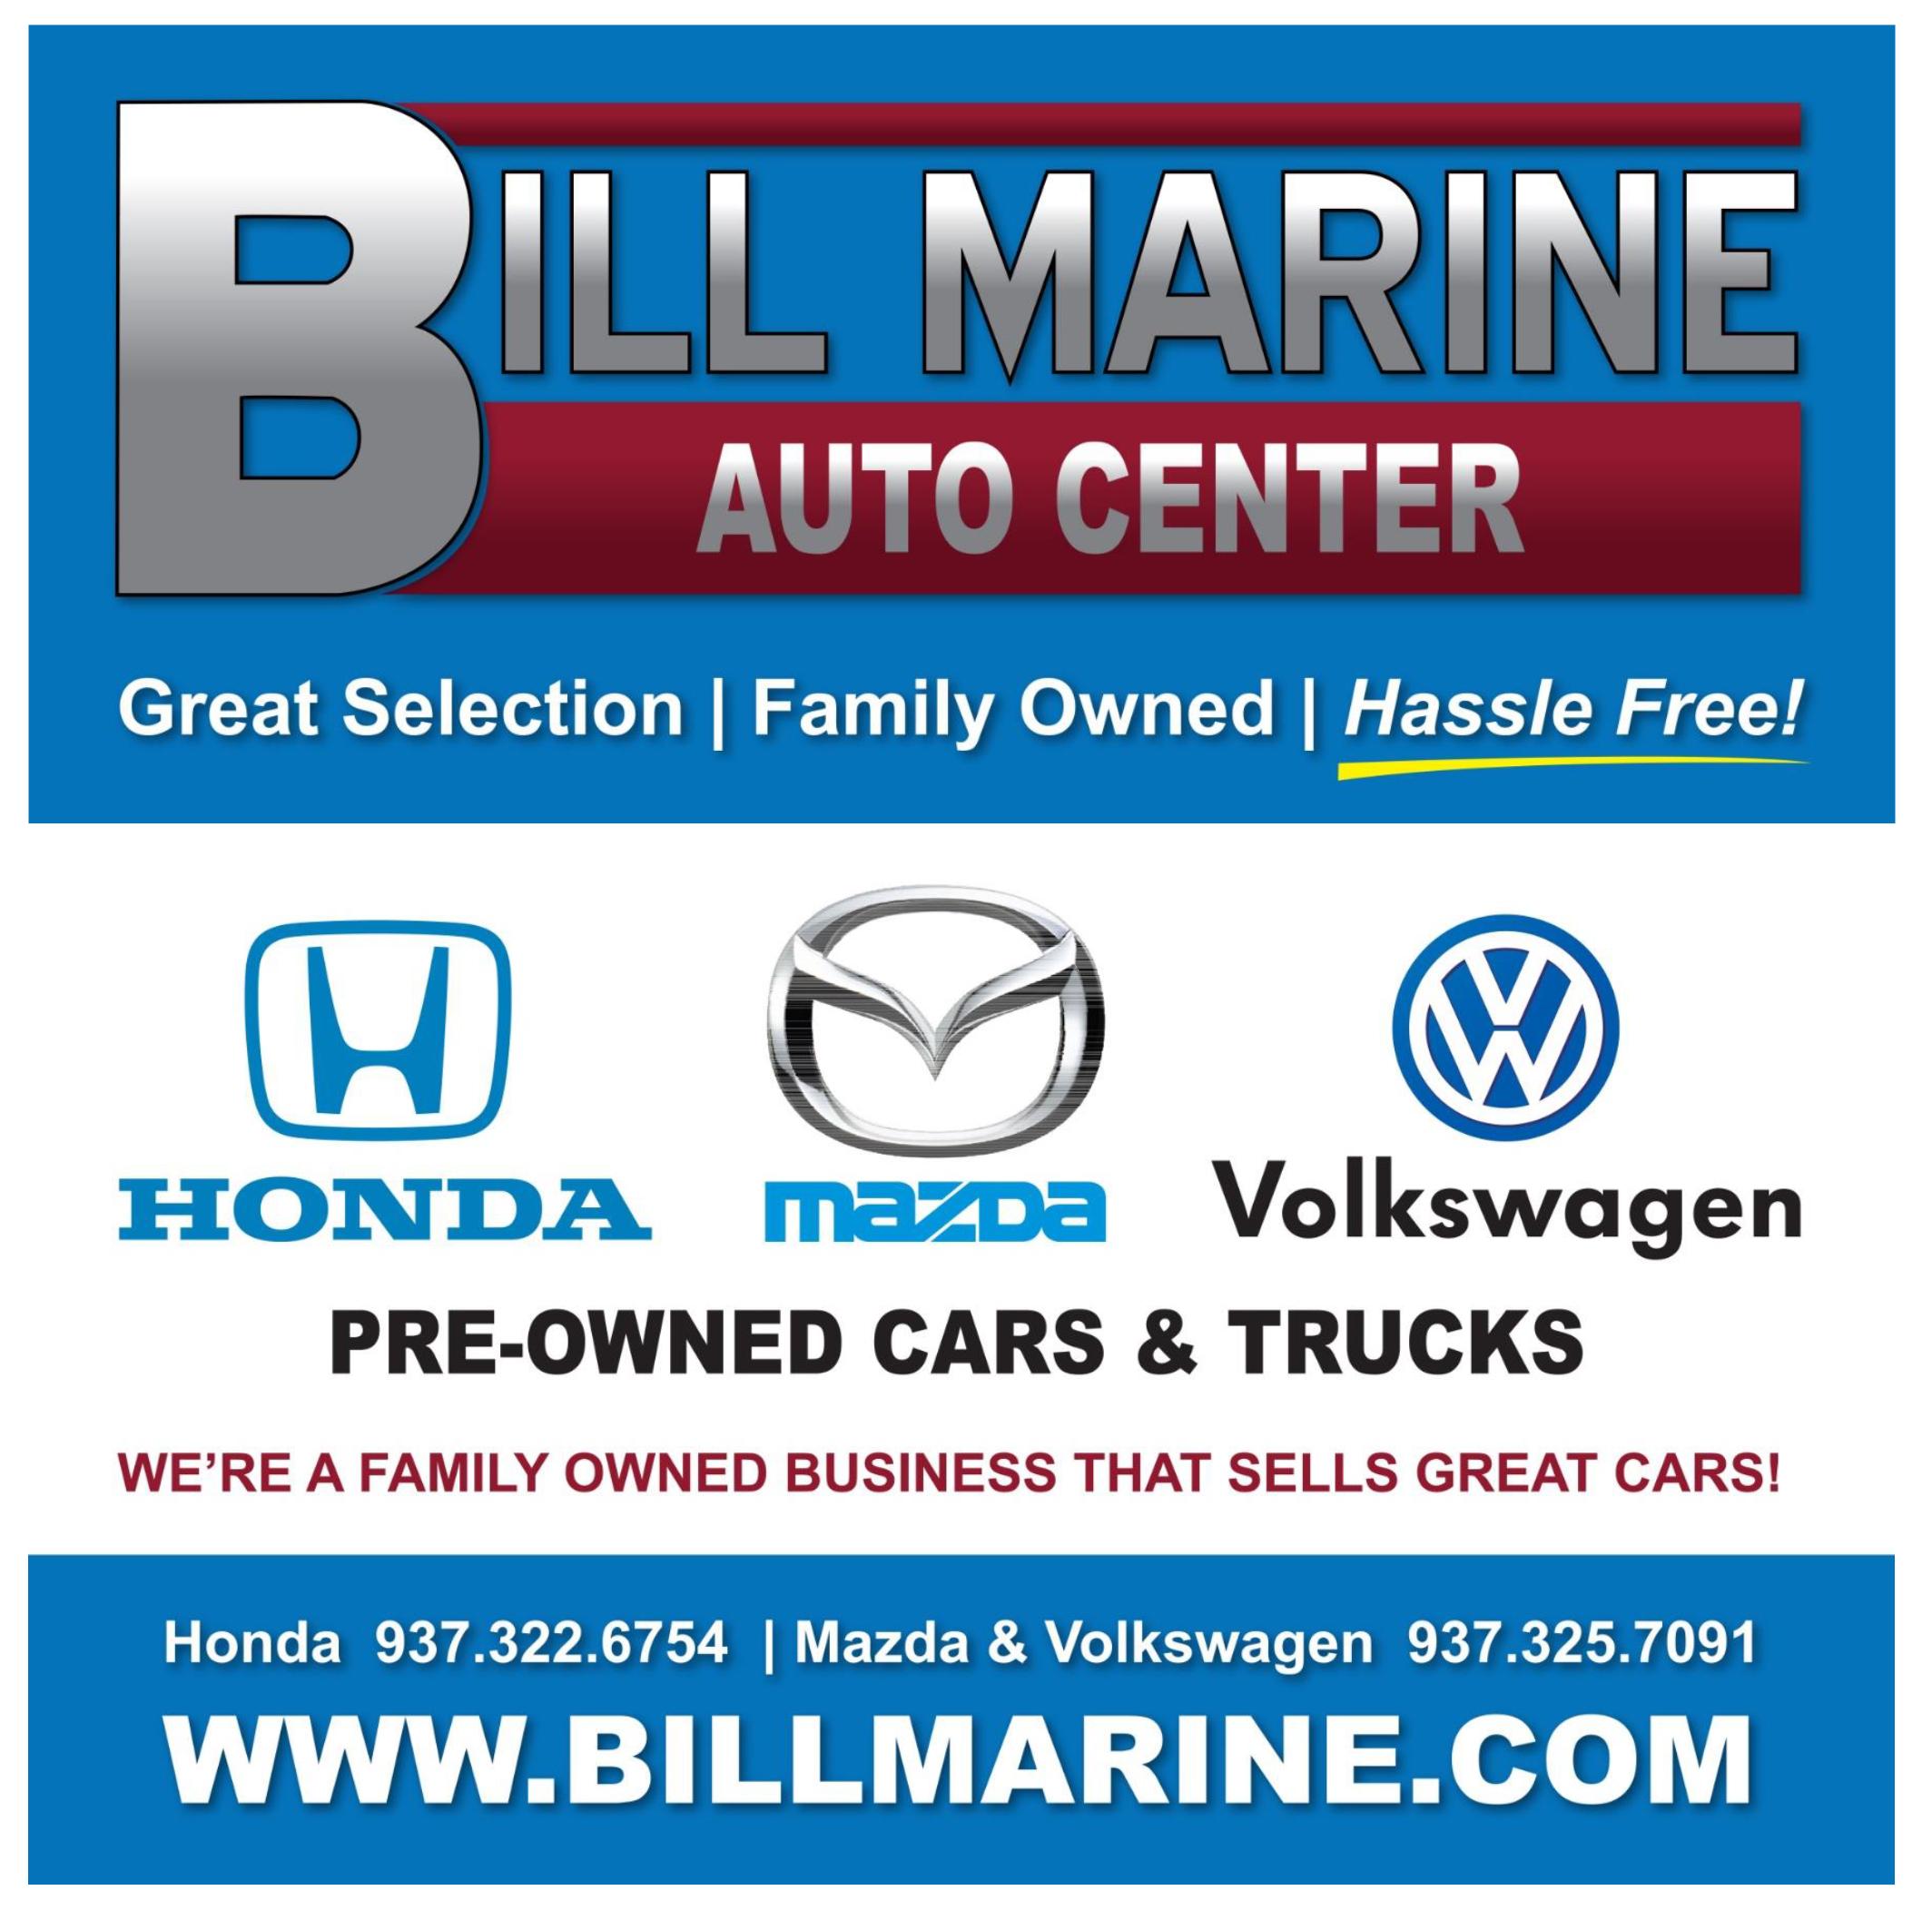 Bill Marine